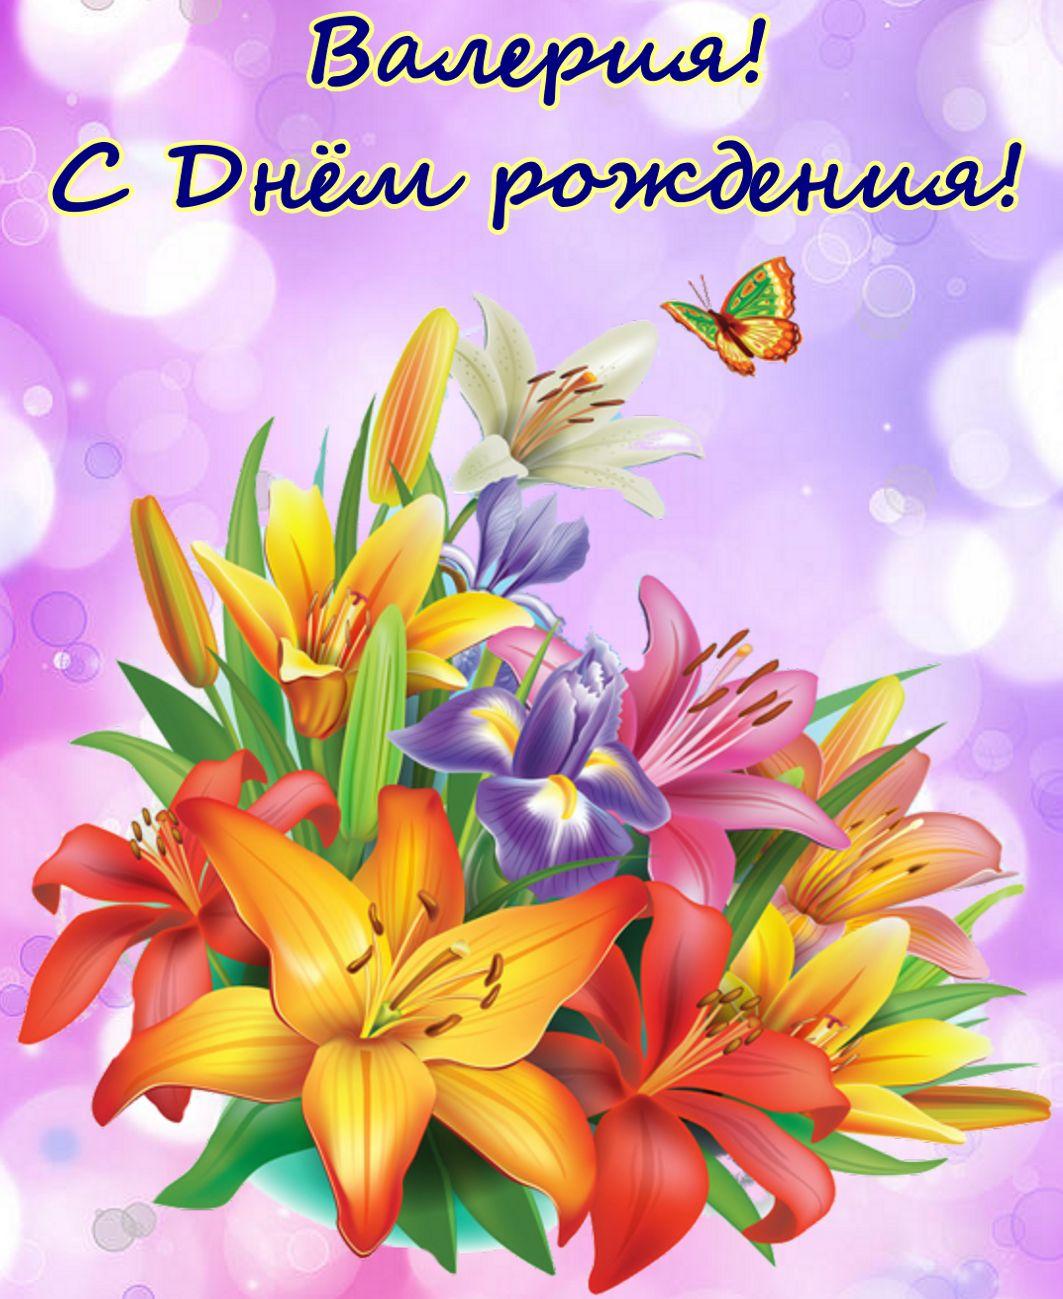 Яркие разноцветный цветы с бабочкой